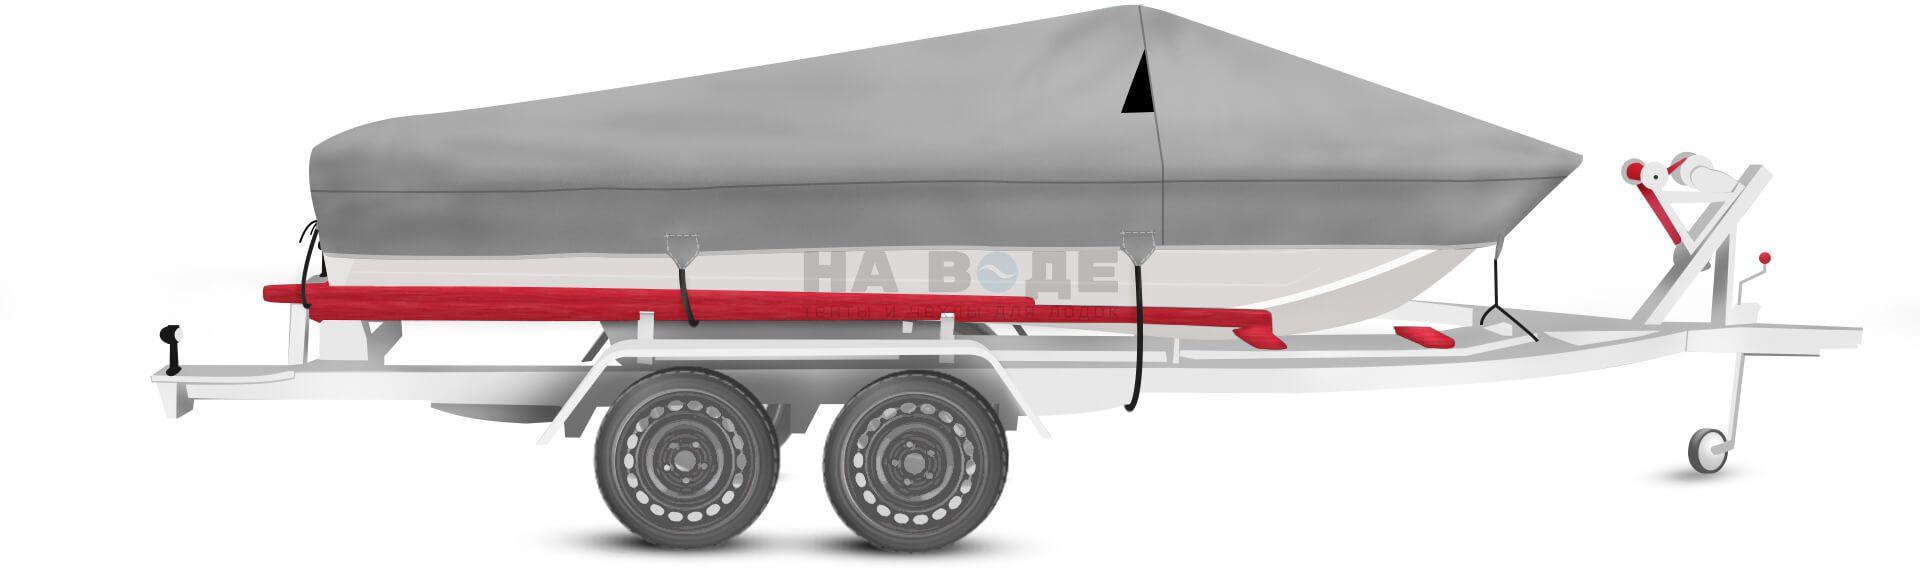 Транспортировочный тент на лодку Wyatboat-430 DCM комплектация Классик - фото 1